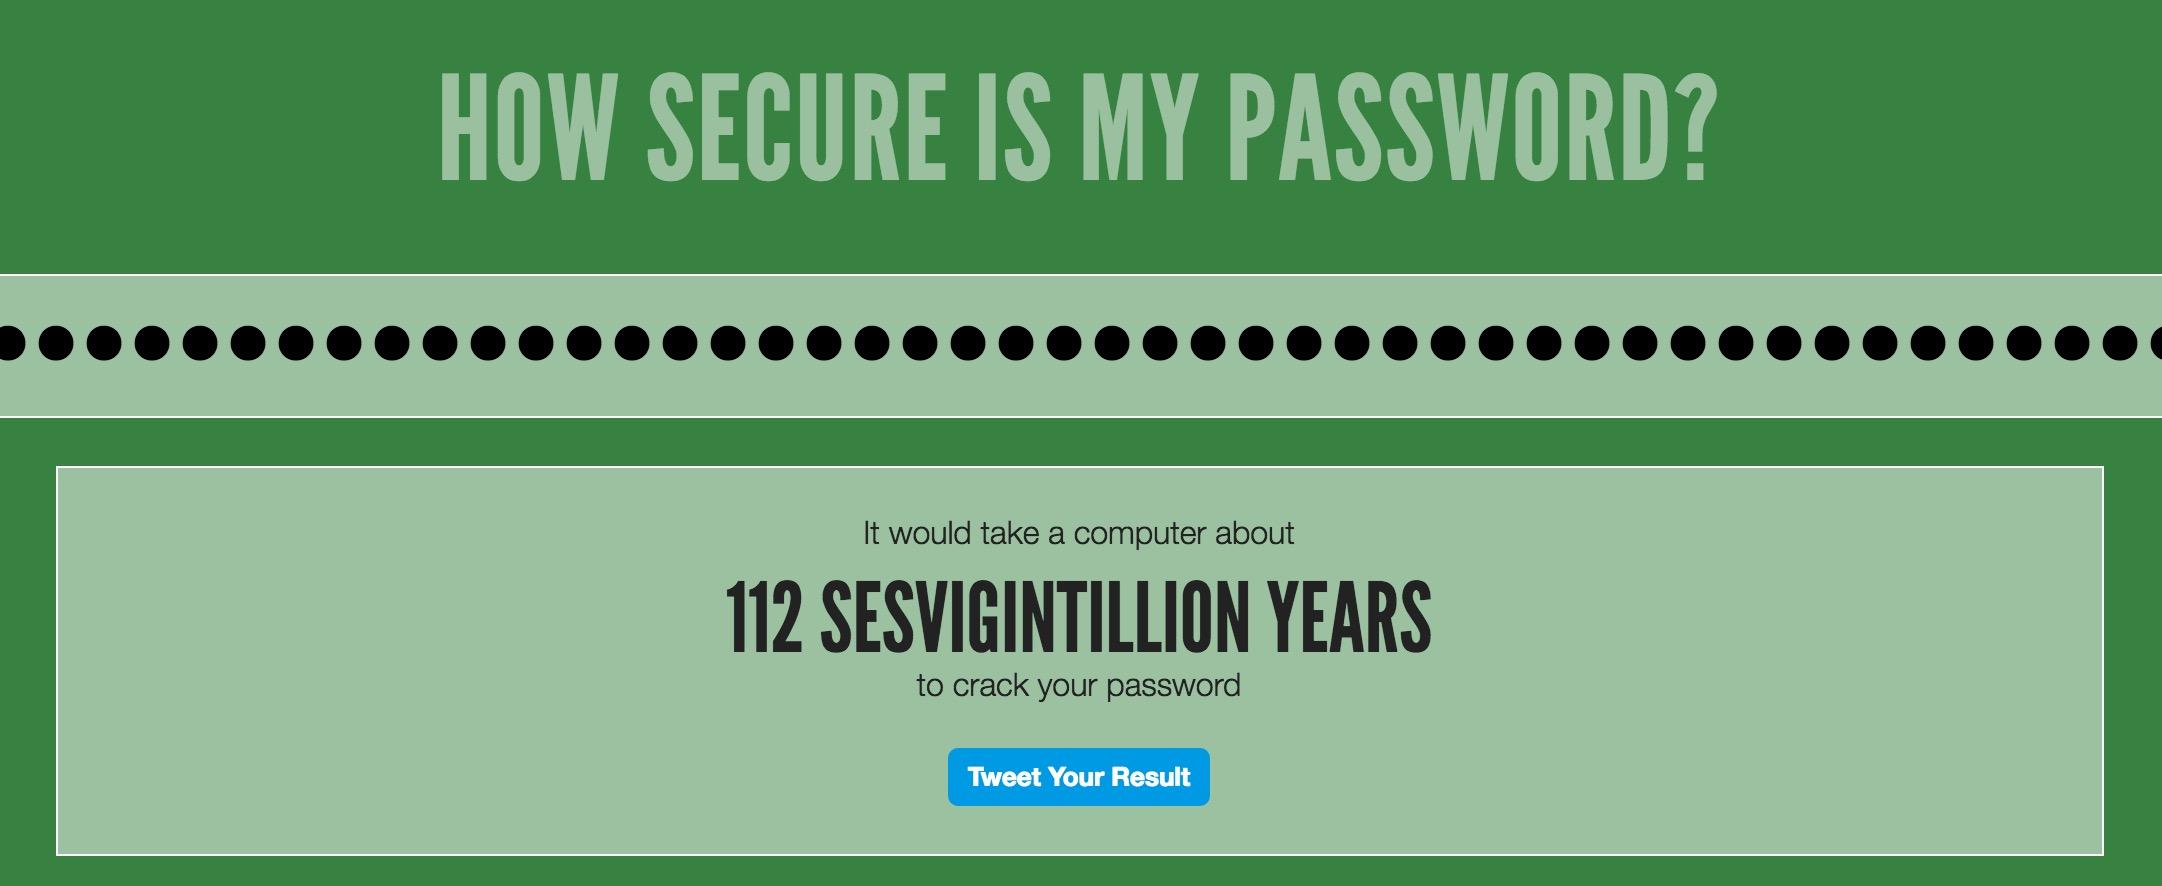 Use a URL as a Strong Password? #CrazyTalk